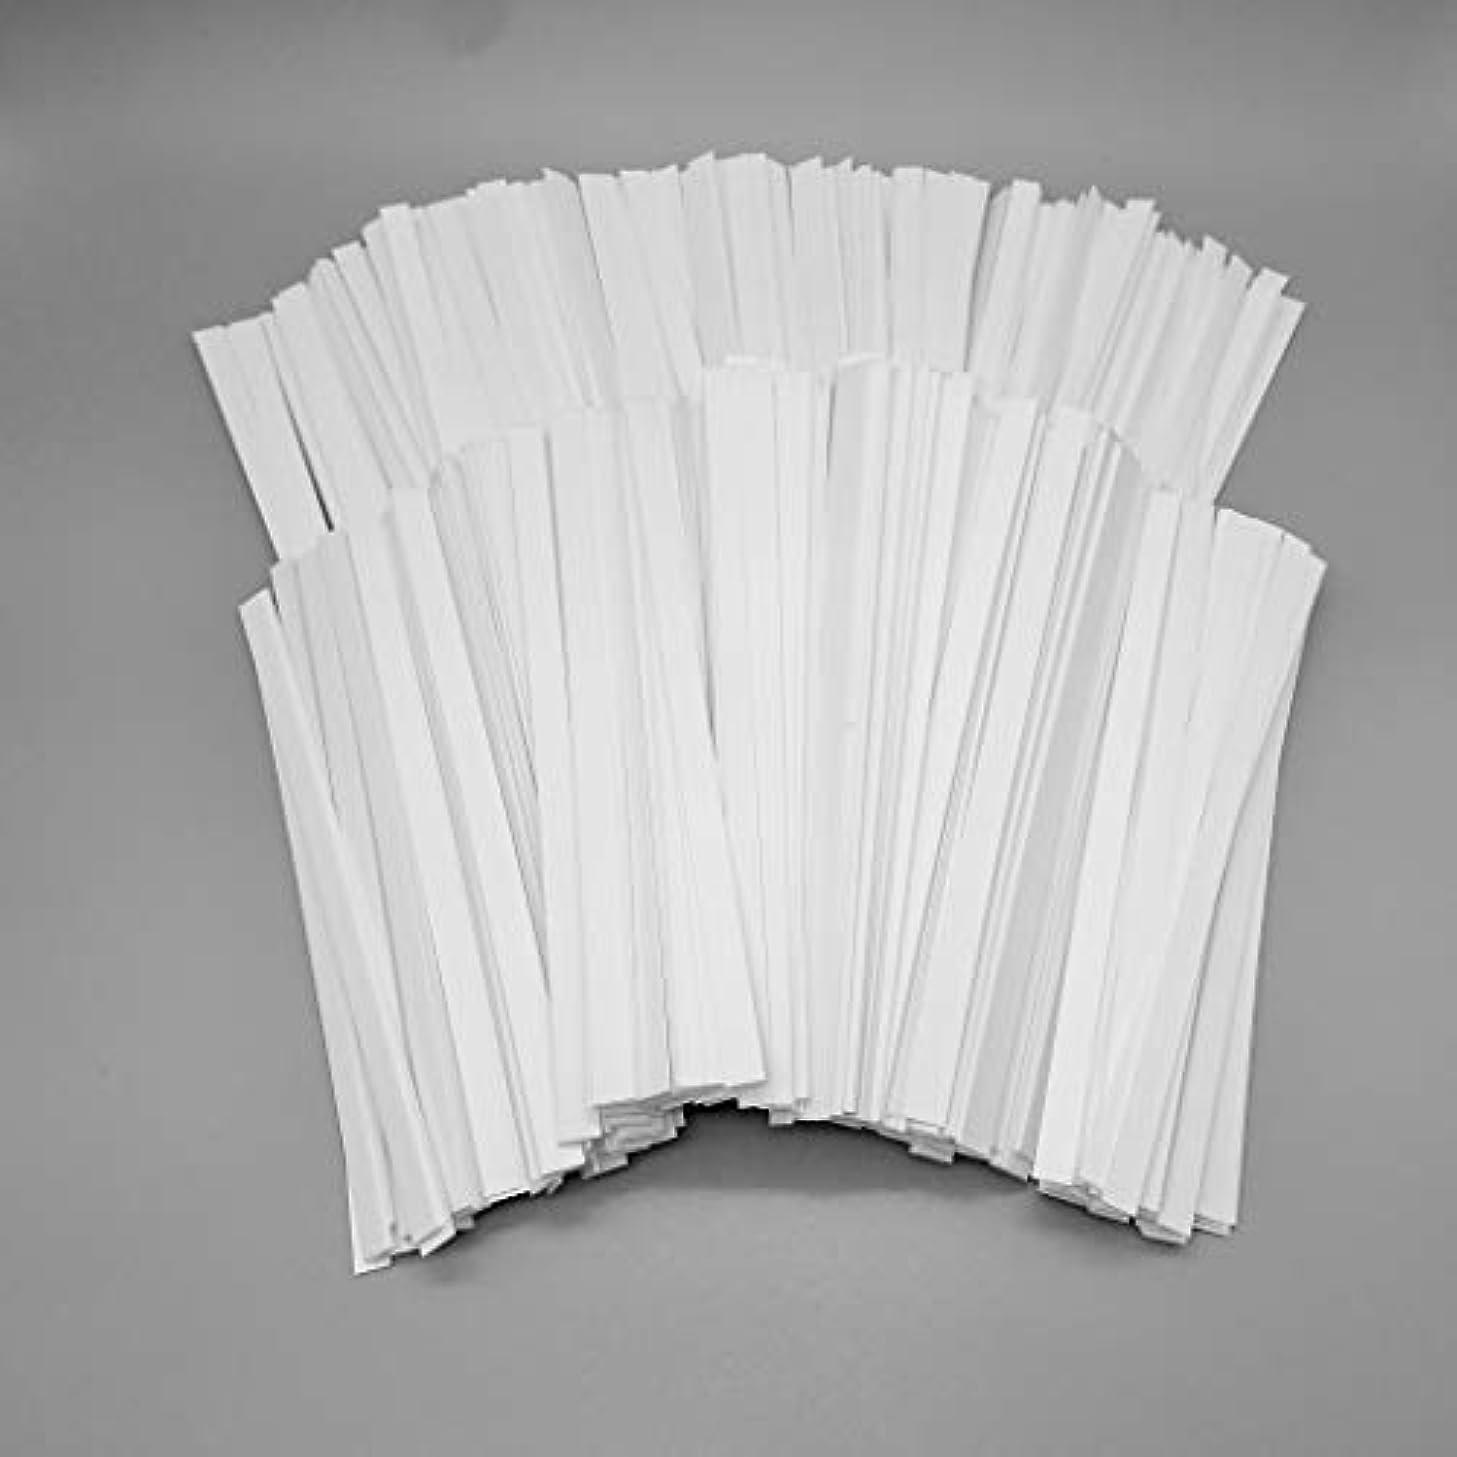 ペデスタル出費不良【オンネネ】ムエット 試香紙 1000本セット 講座?試験用